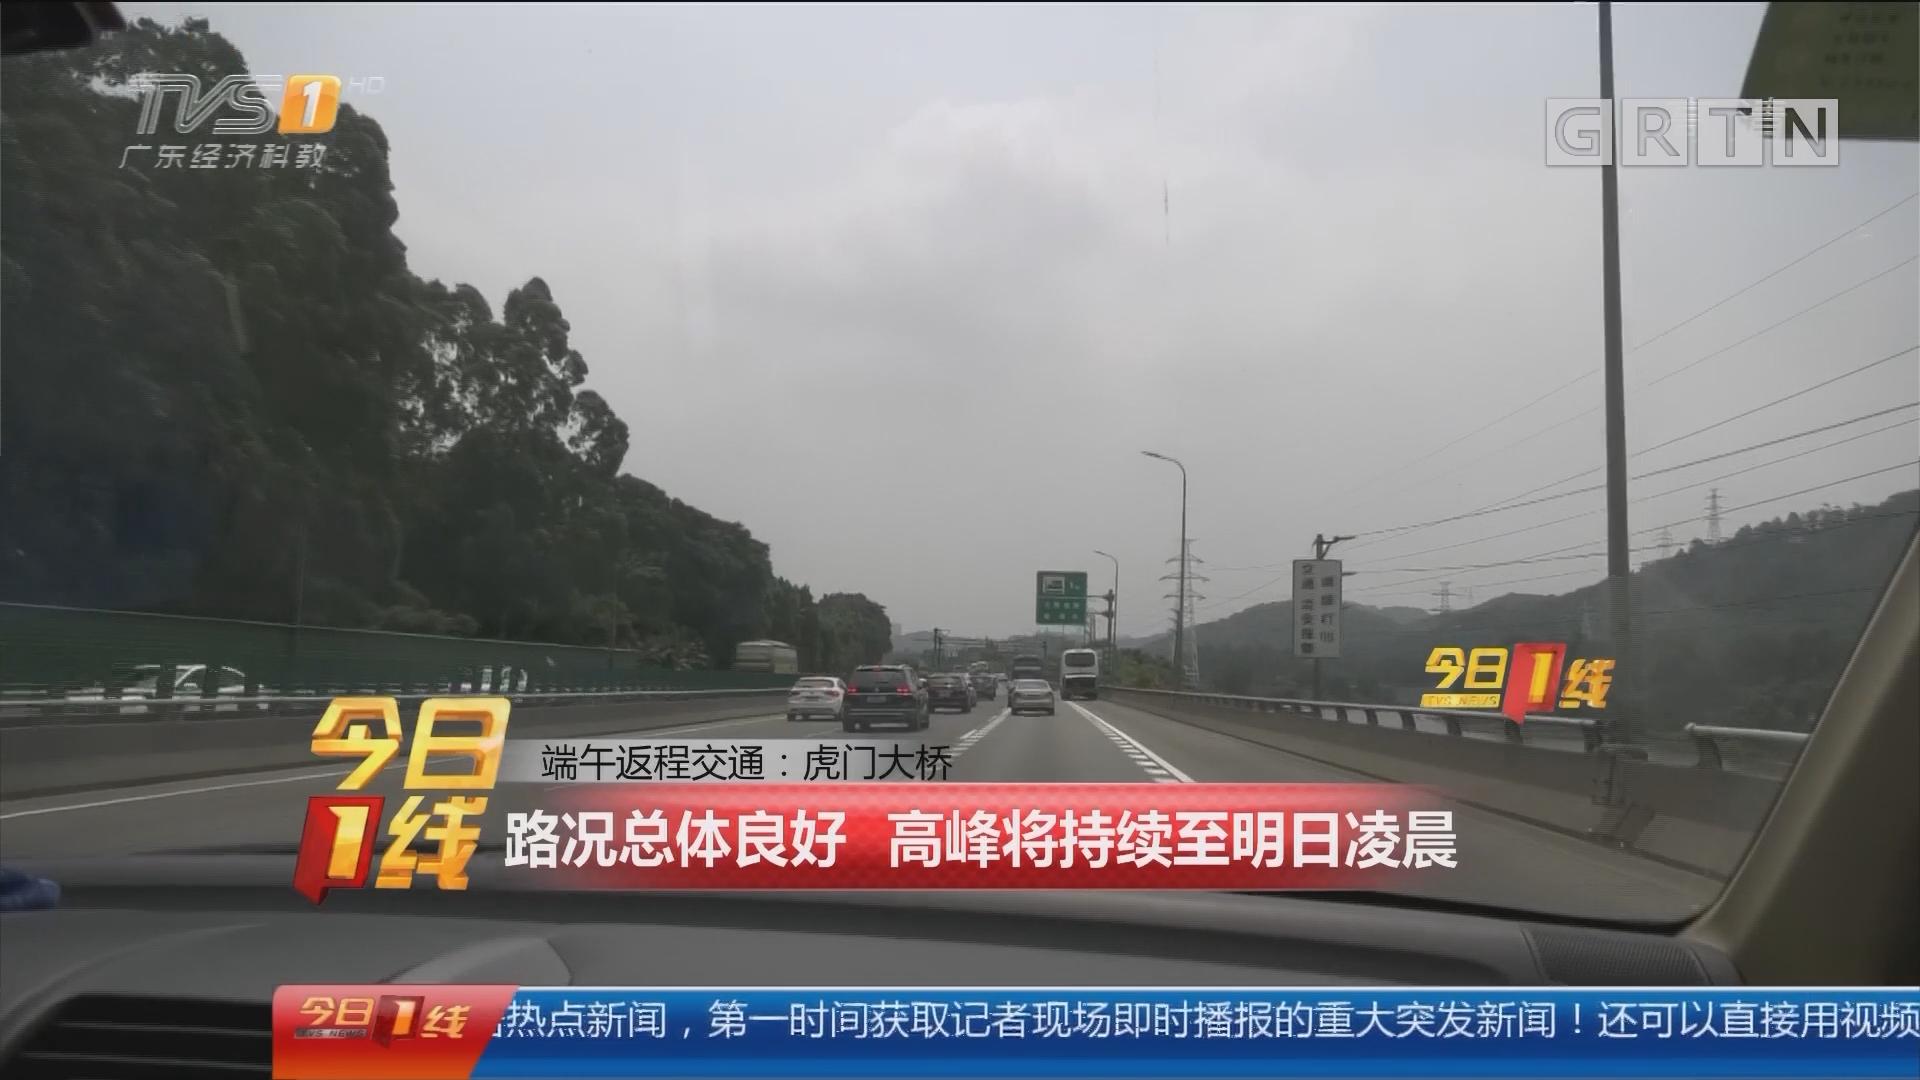 端午返程交通:虎门大桥 路况总体良好 高峰将持续至明日凌晨